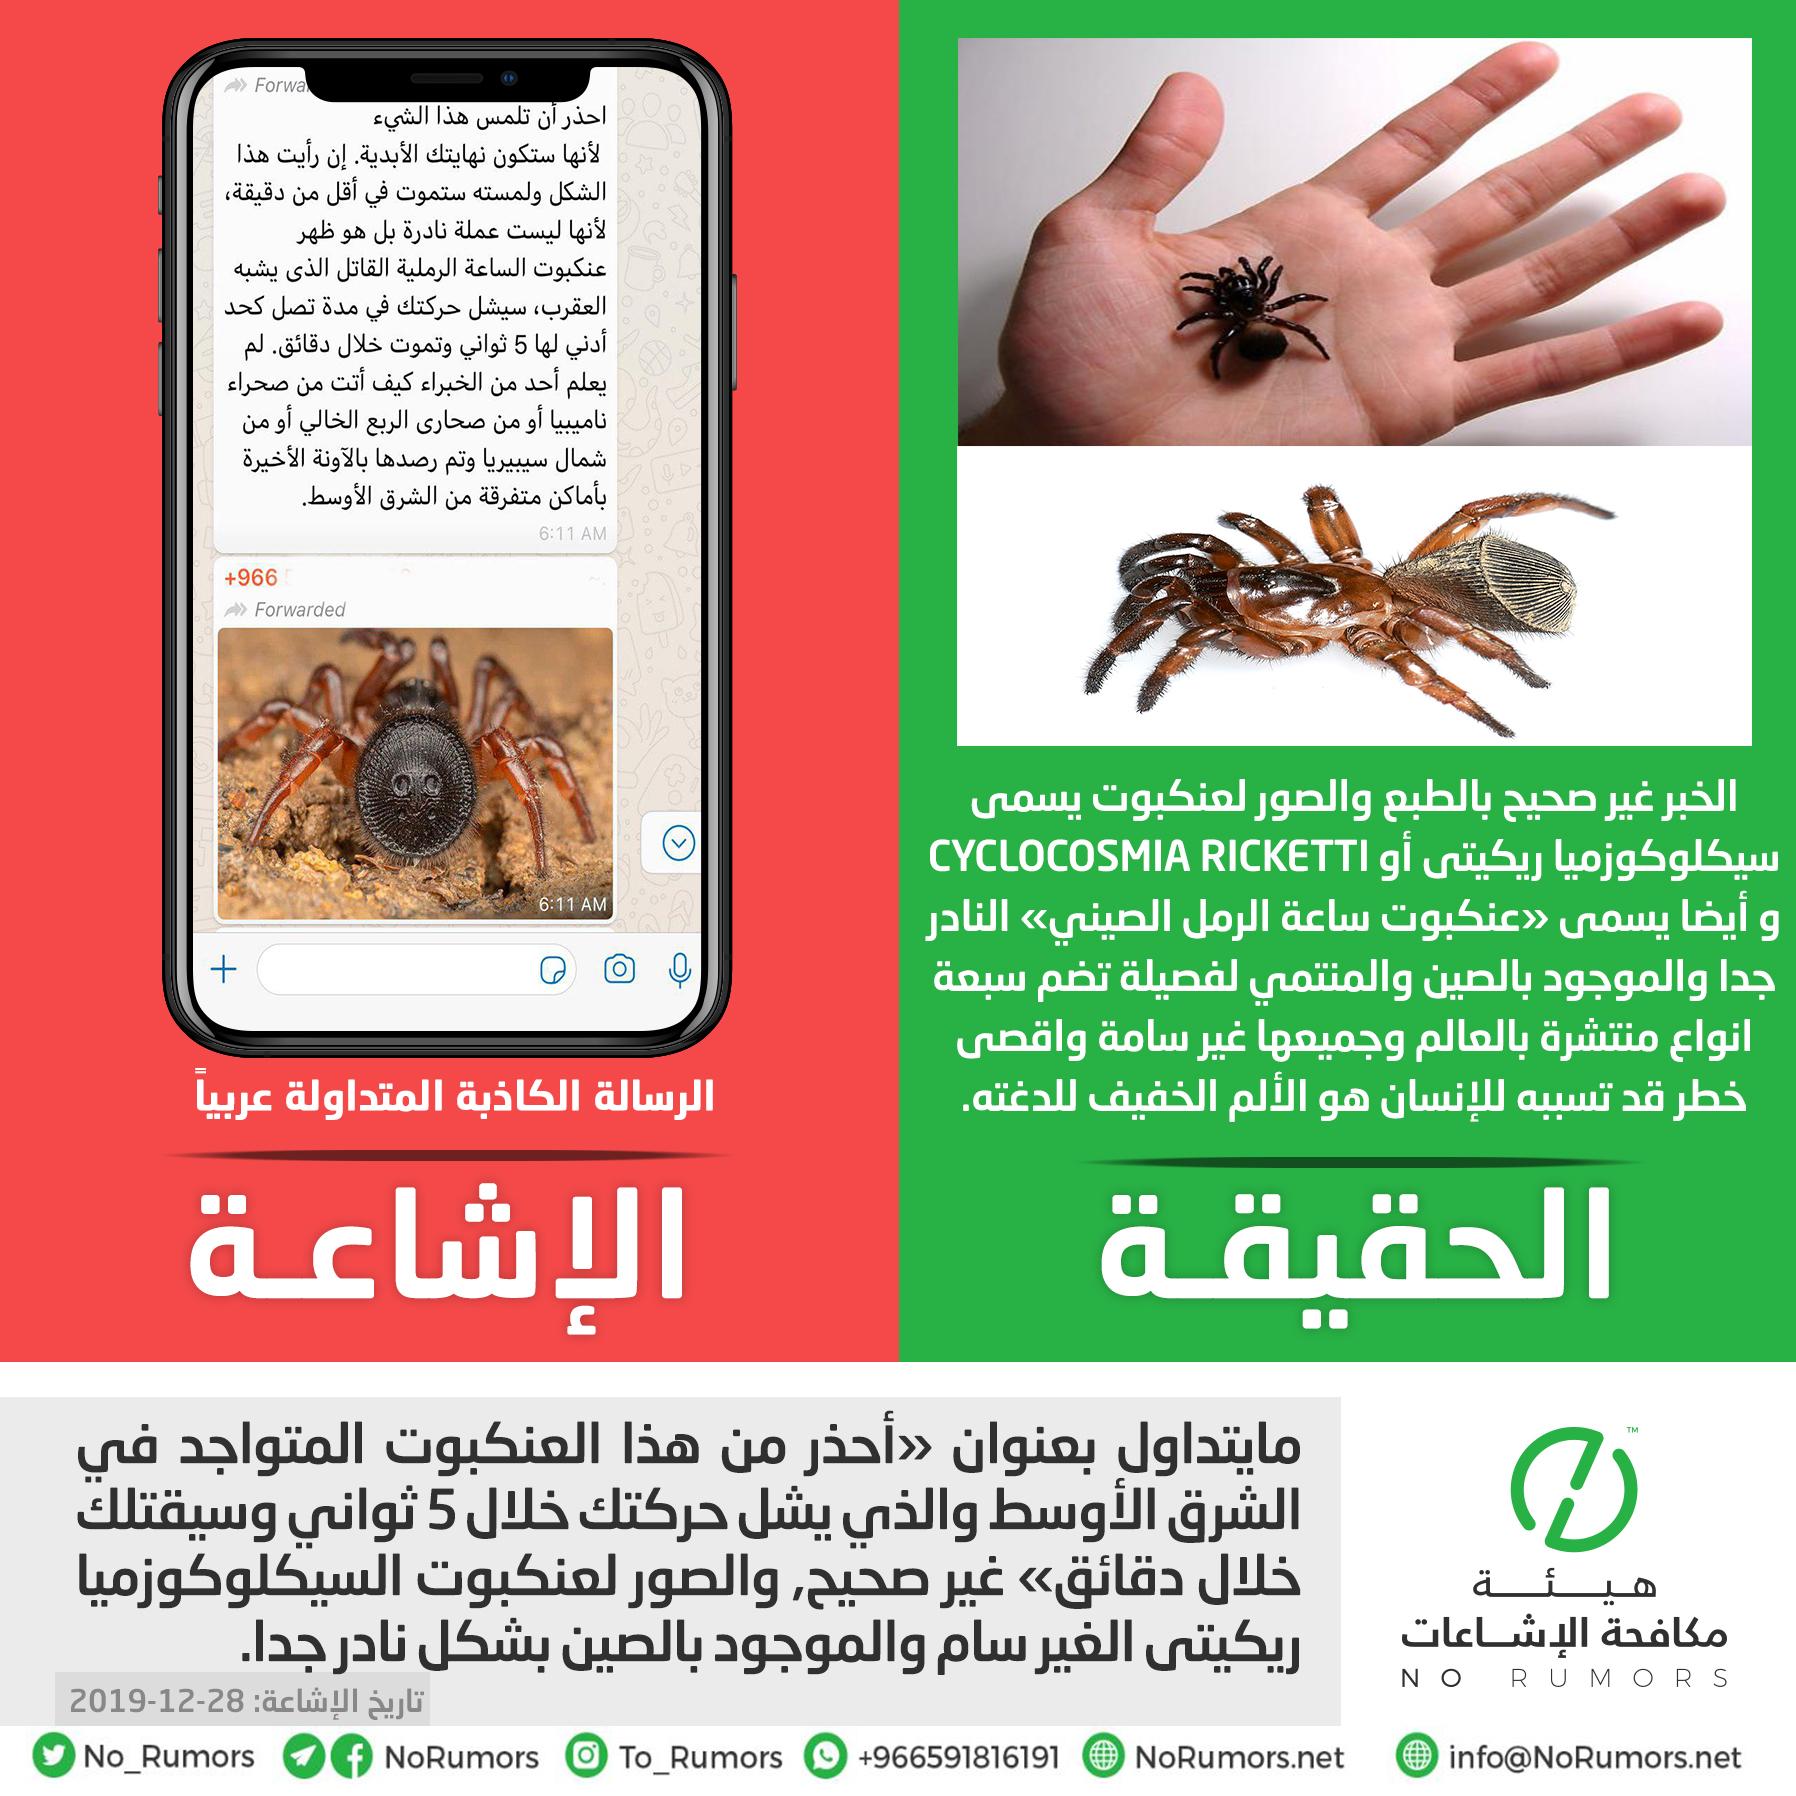 حقيقة مايتداول مجدداً بعنوان «أحذر من هذا العنكبوت المتواجد في الشرق الأوسط والذي يشل حركتك خلال 5 ثواني وسيقتلك خلال دقائق»